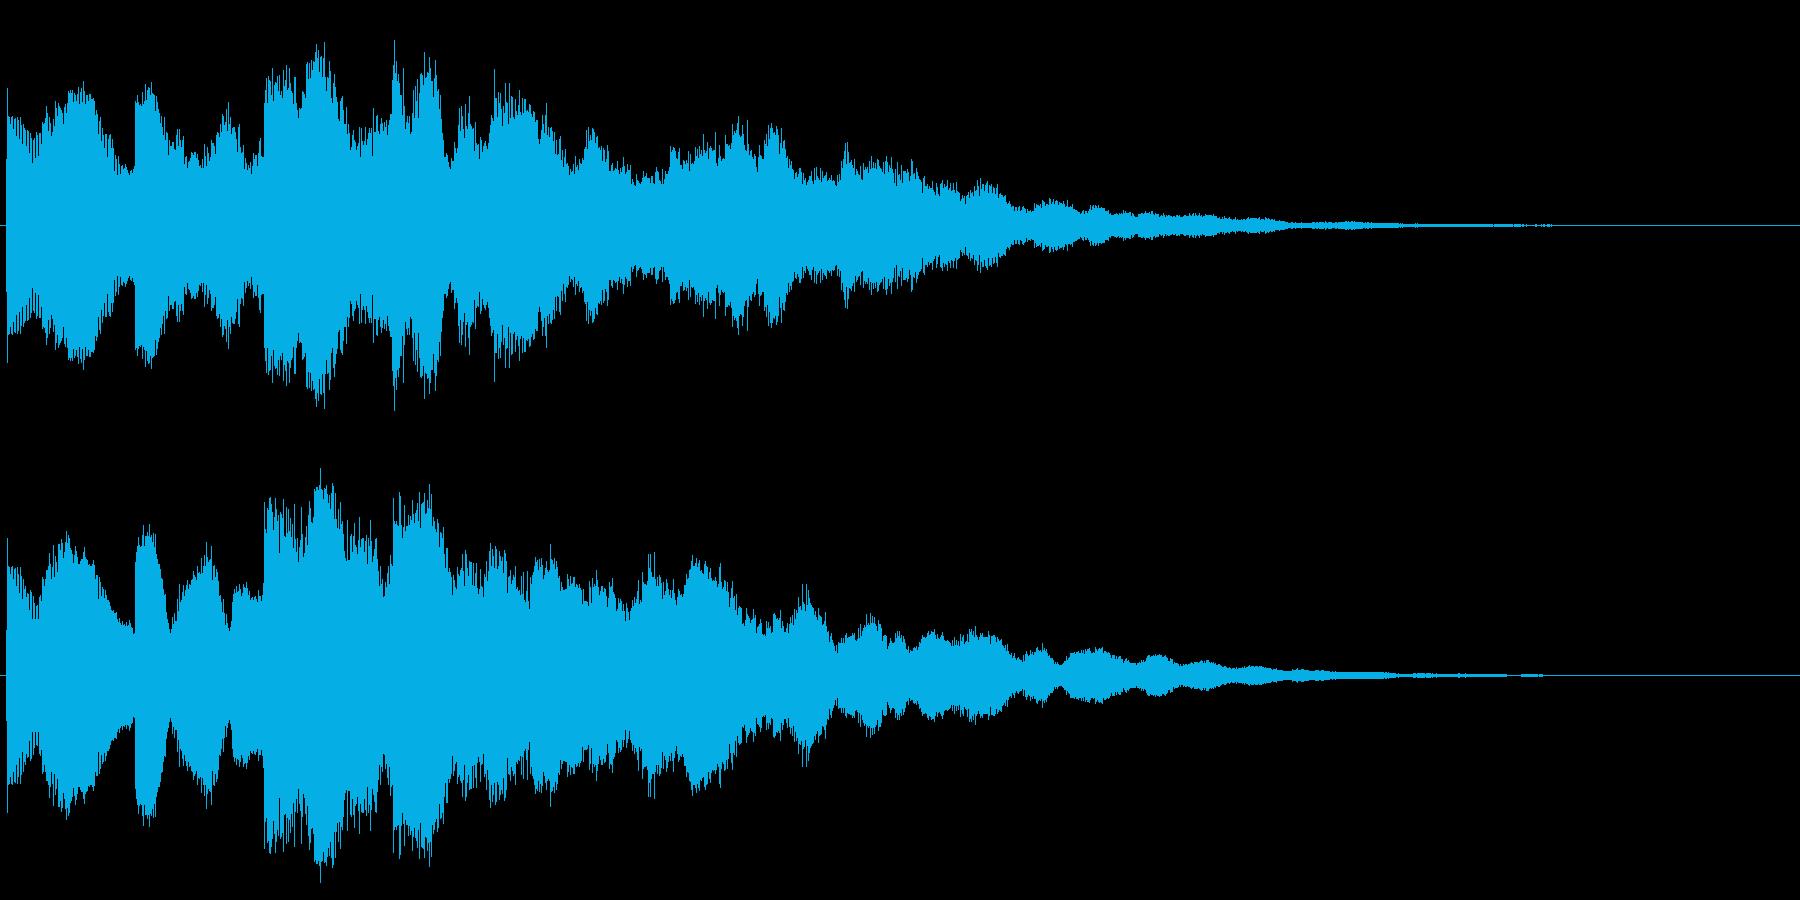 ベル ホラー系の不穏な効果音 怖い演出の再生済みの波形